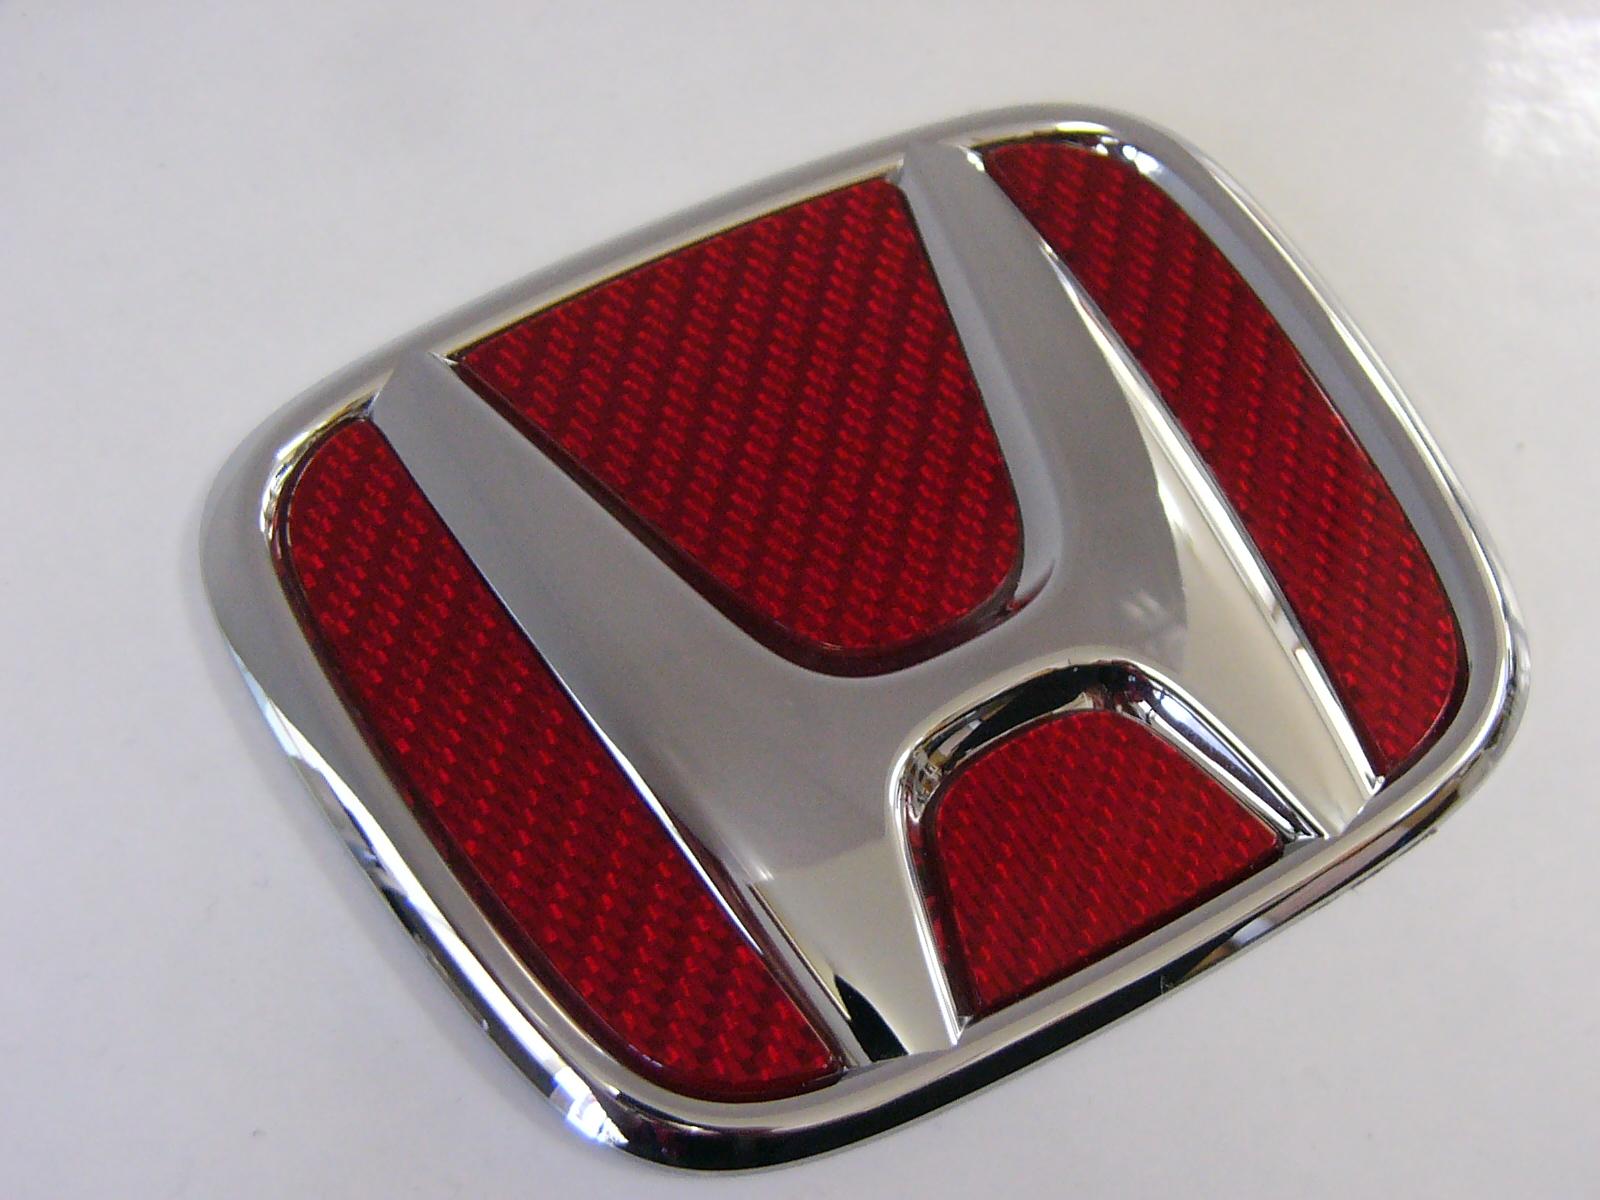 HONDAオデッセイModulo製フロントグリル「TypeYY」専用フロントエンブレムシルバーカーボン「レッドVer」フィニッシャー